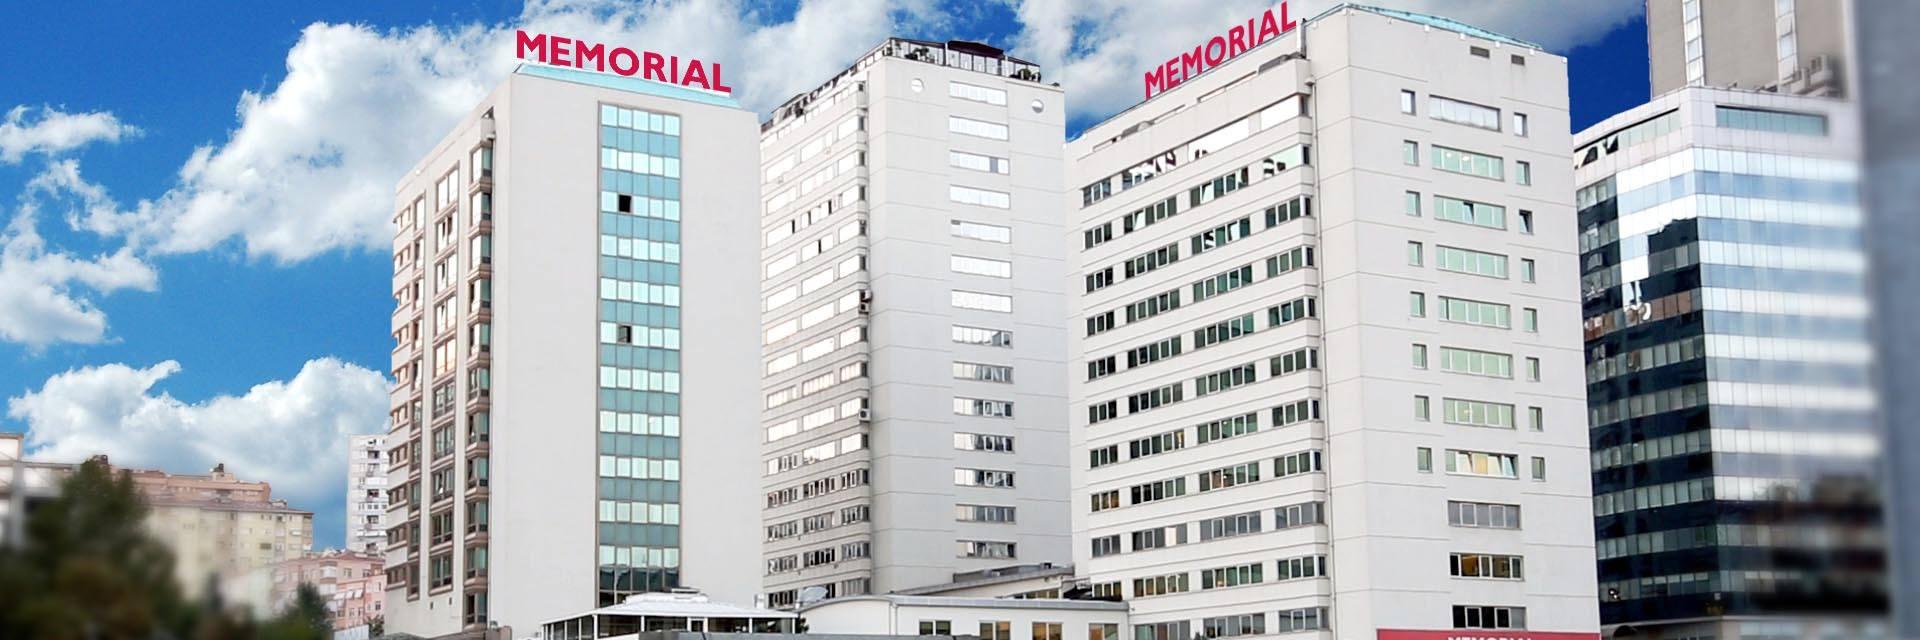 Memorial Hospital Istanbul